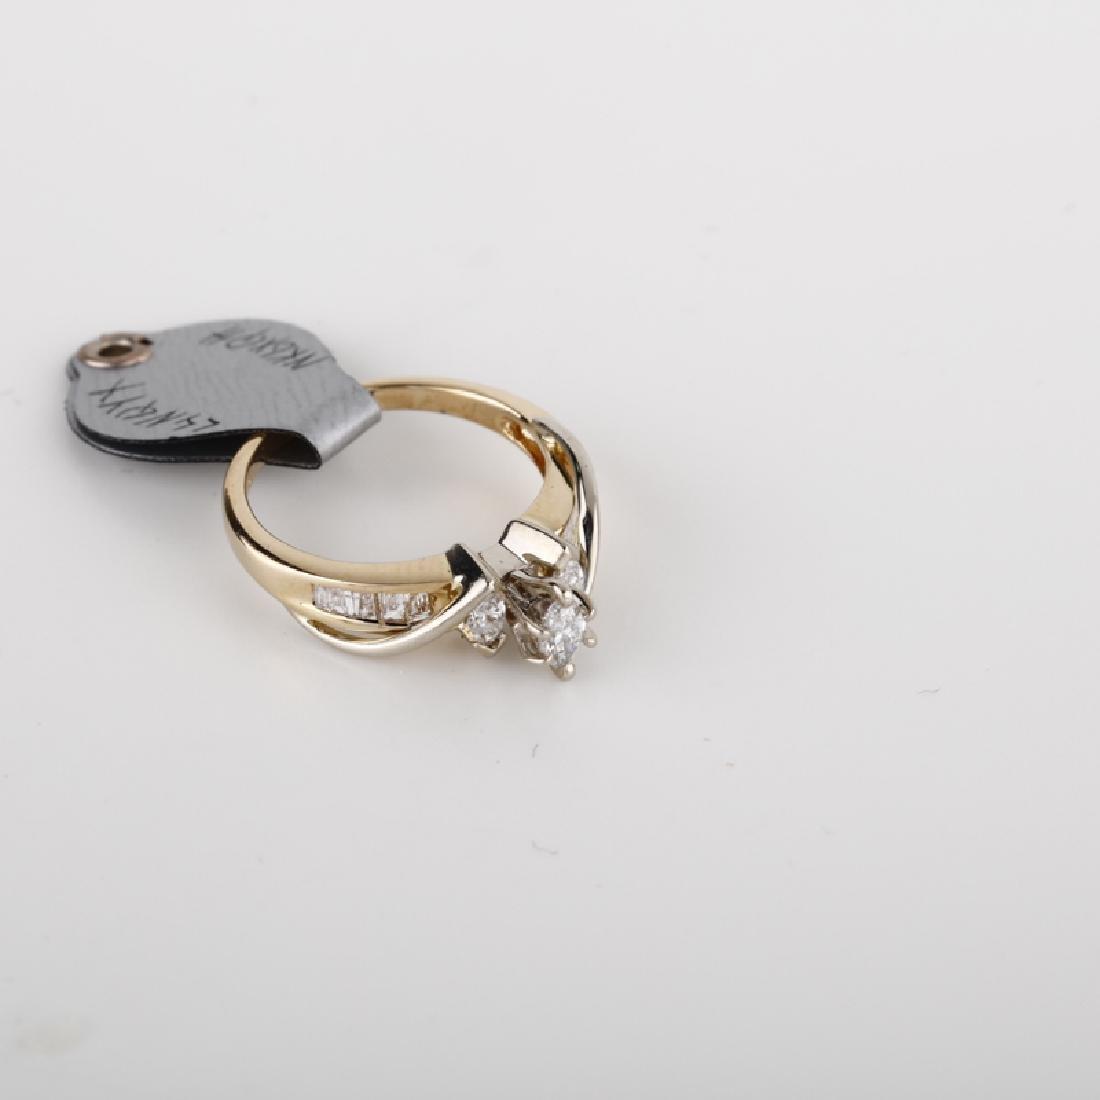 *Fine Jewelry 14 KT Gold, 0.50CT Diamond Ring (FJ F293)